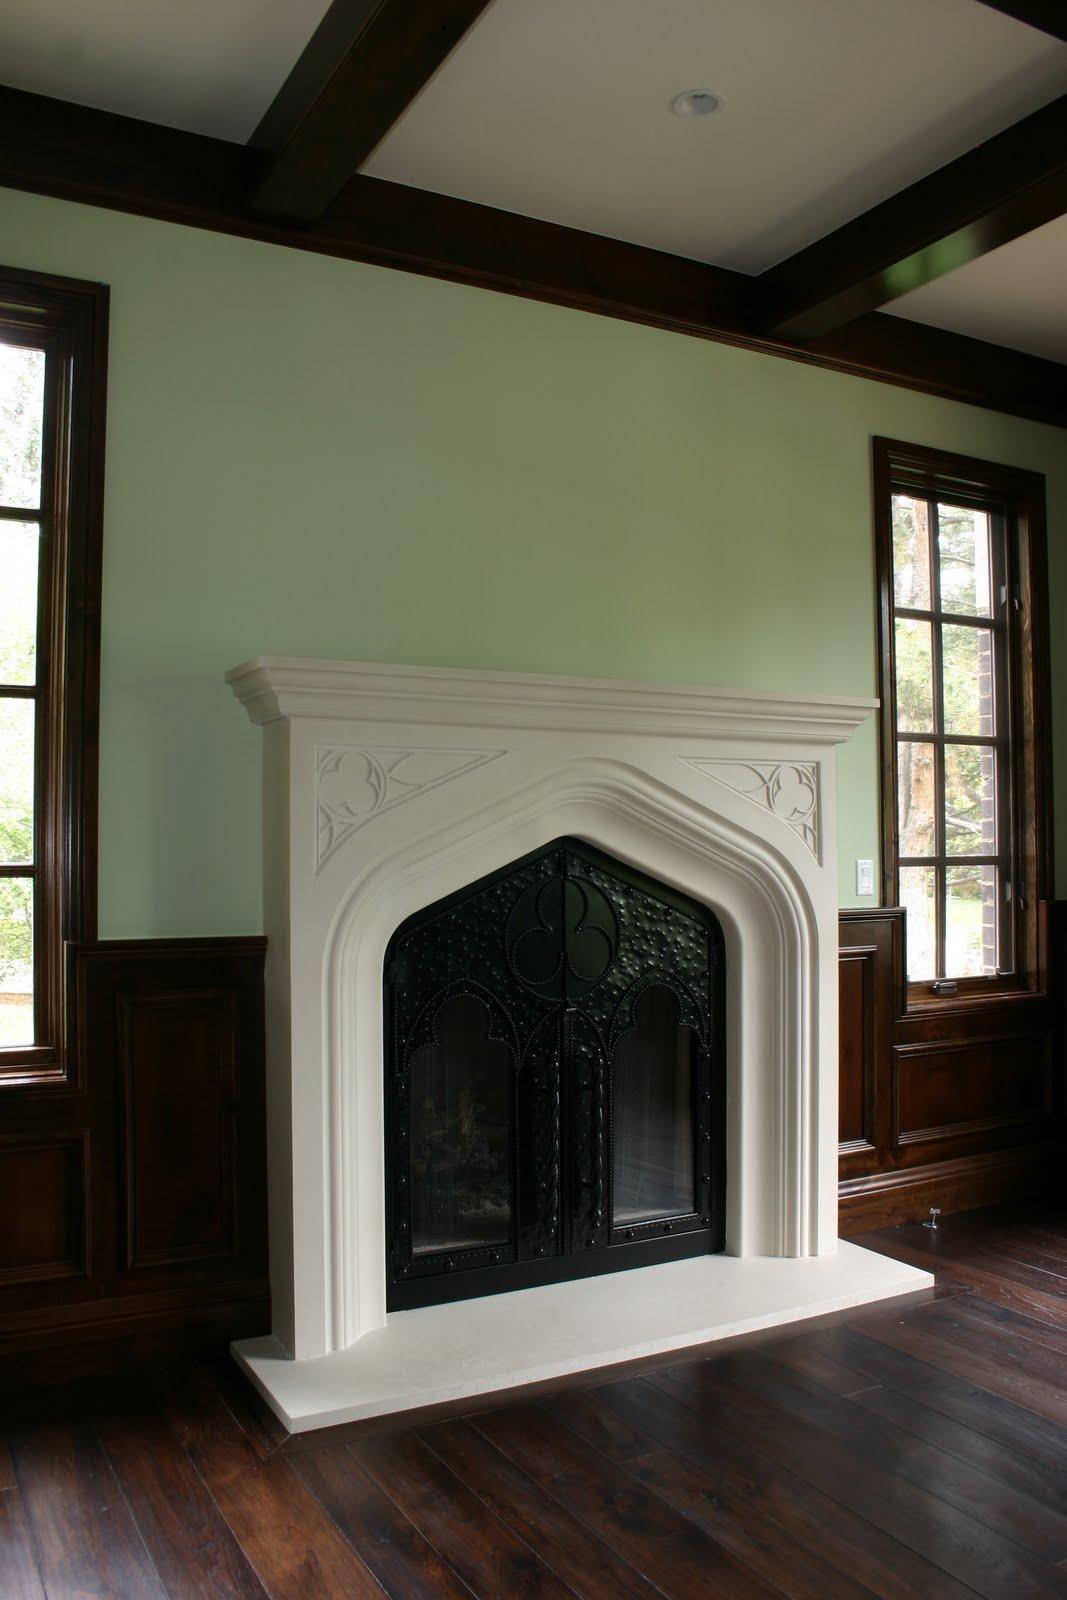 Tudor style fireplace mantel